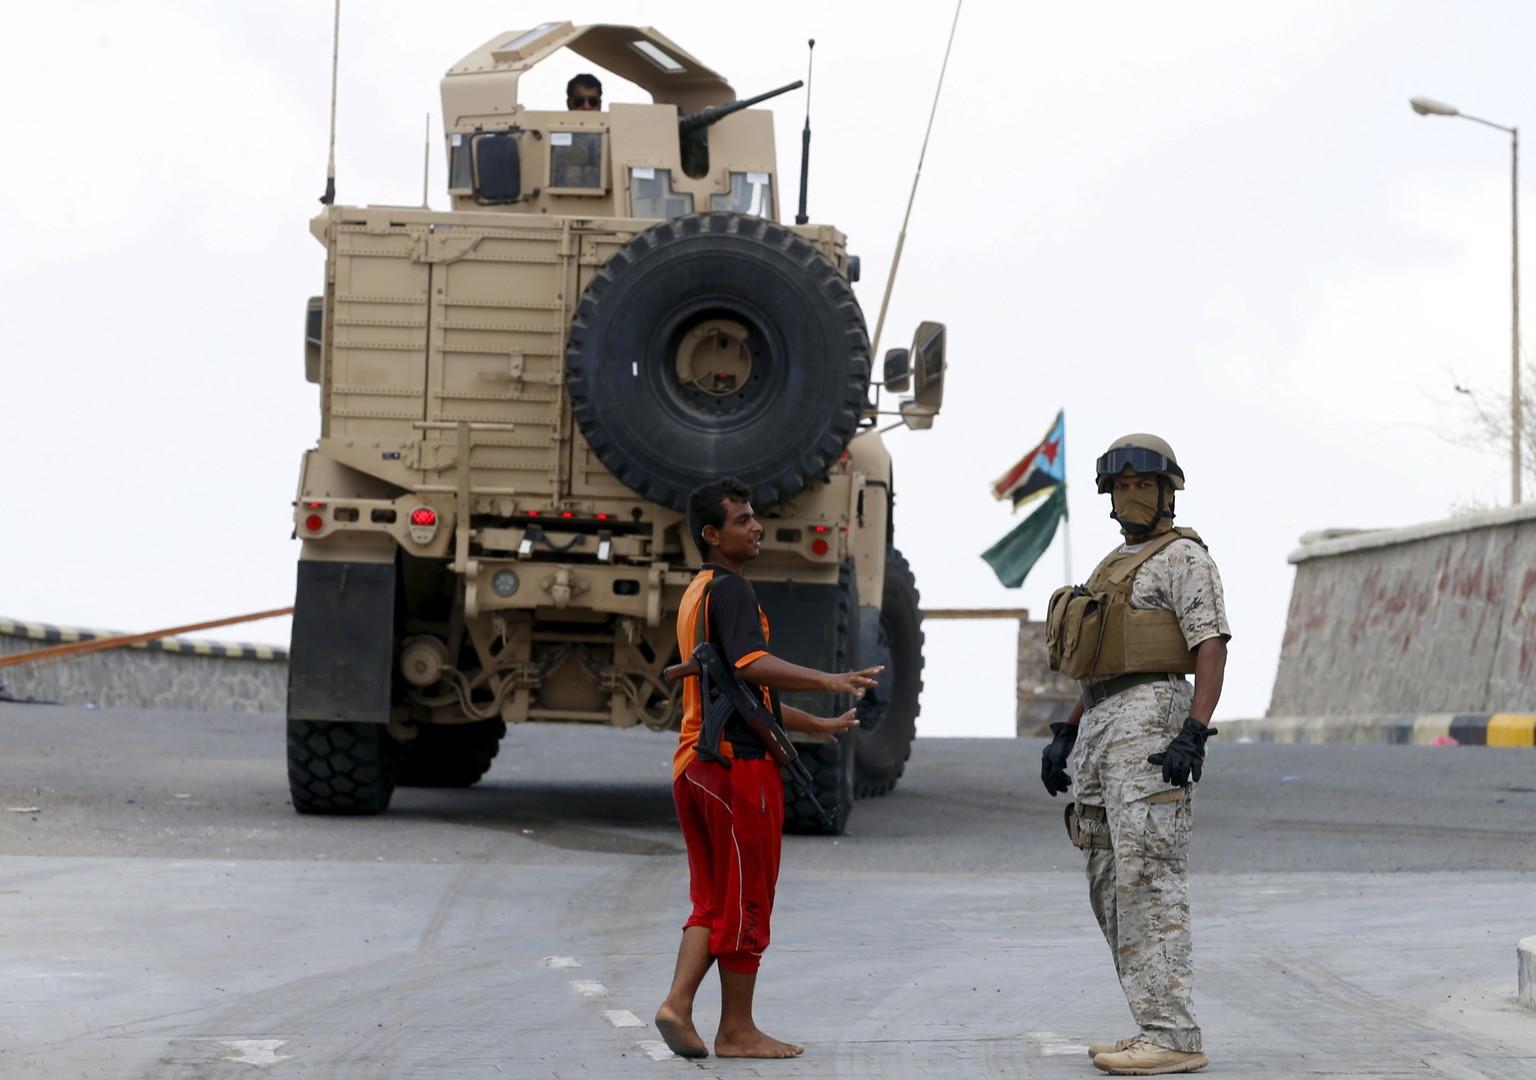 التحالف العربي يعتبر استهداف محطتي ضخ النفط في السعودية